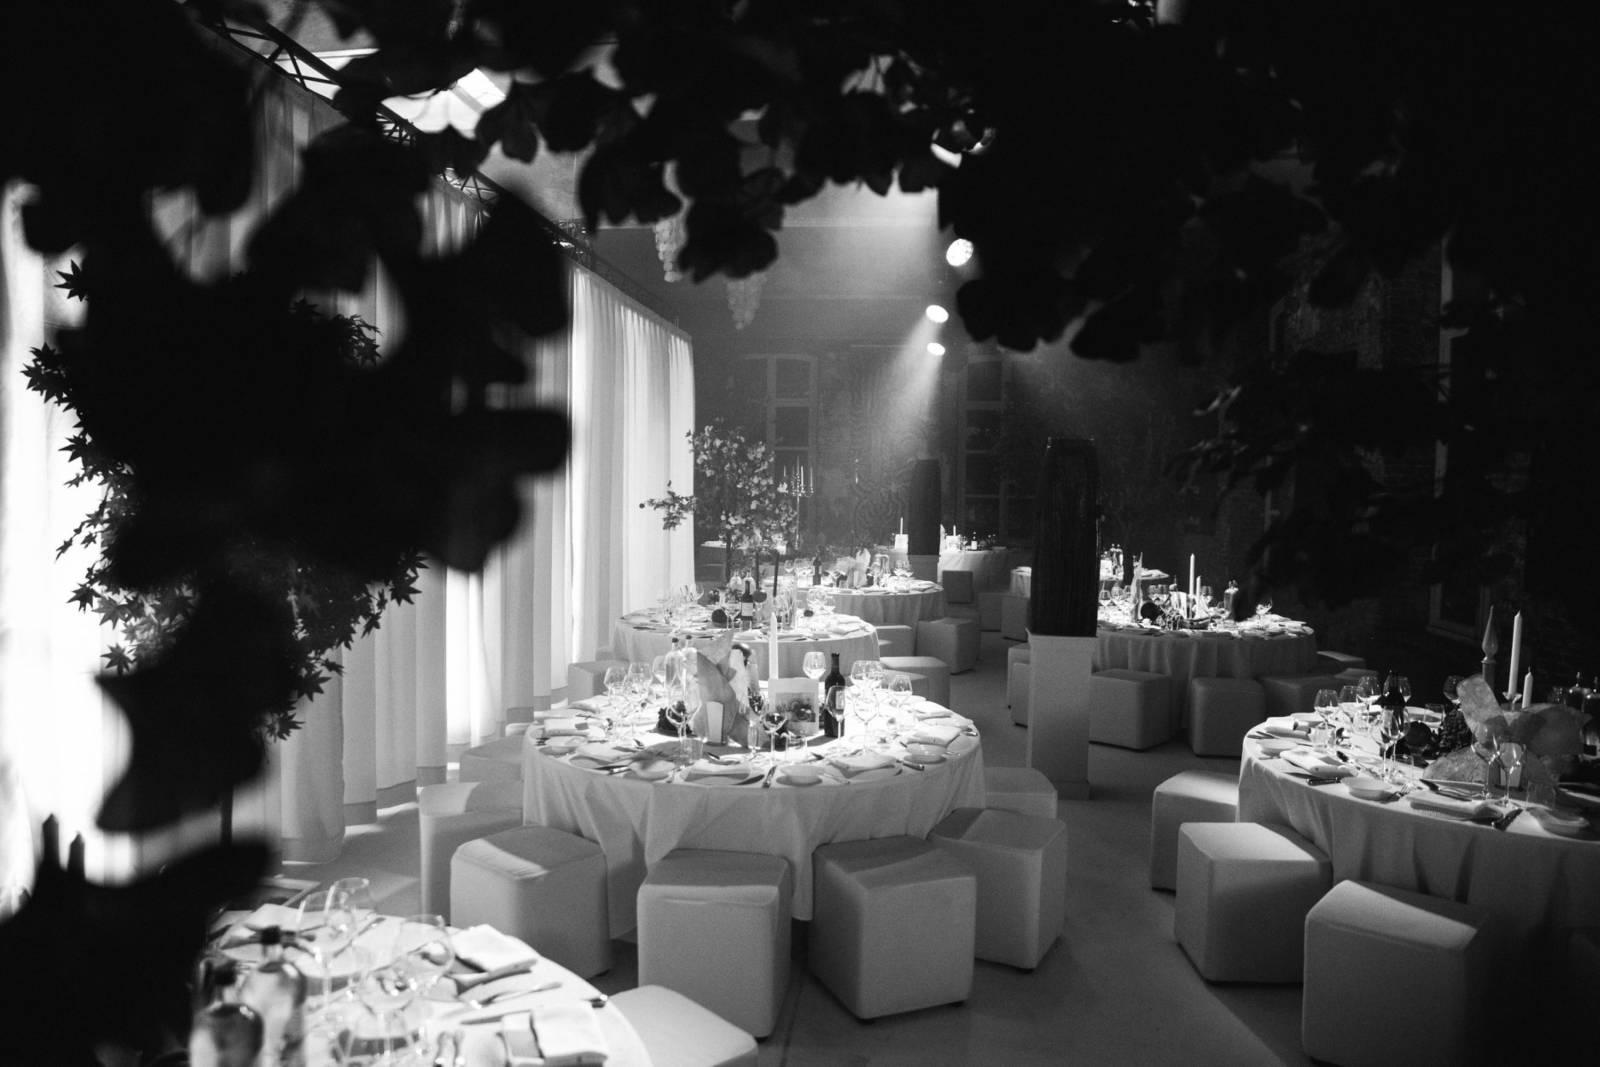 Kasteel van Ingelmunster - Feestzaal - Fotograaf Kelly Fober - House of Weddings (5)